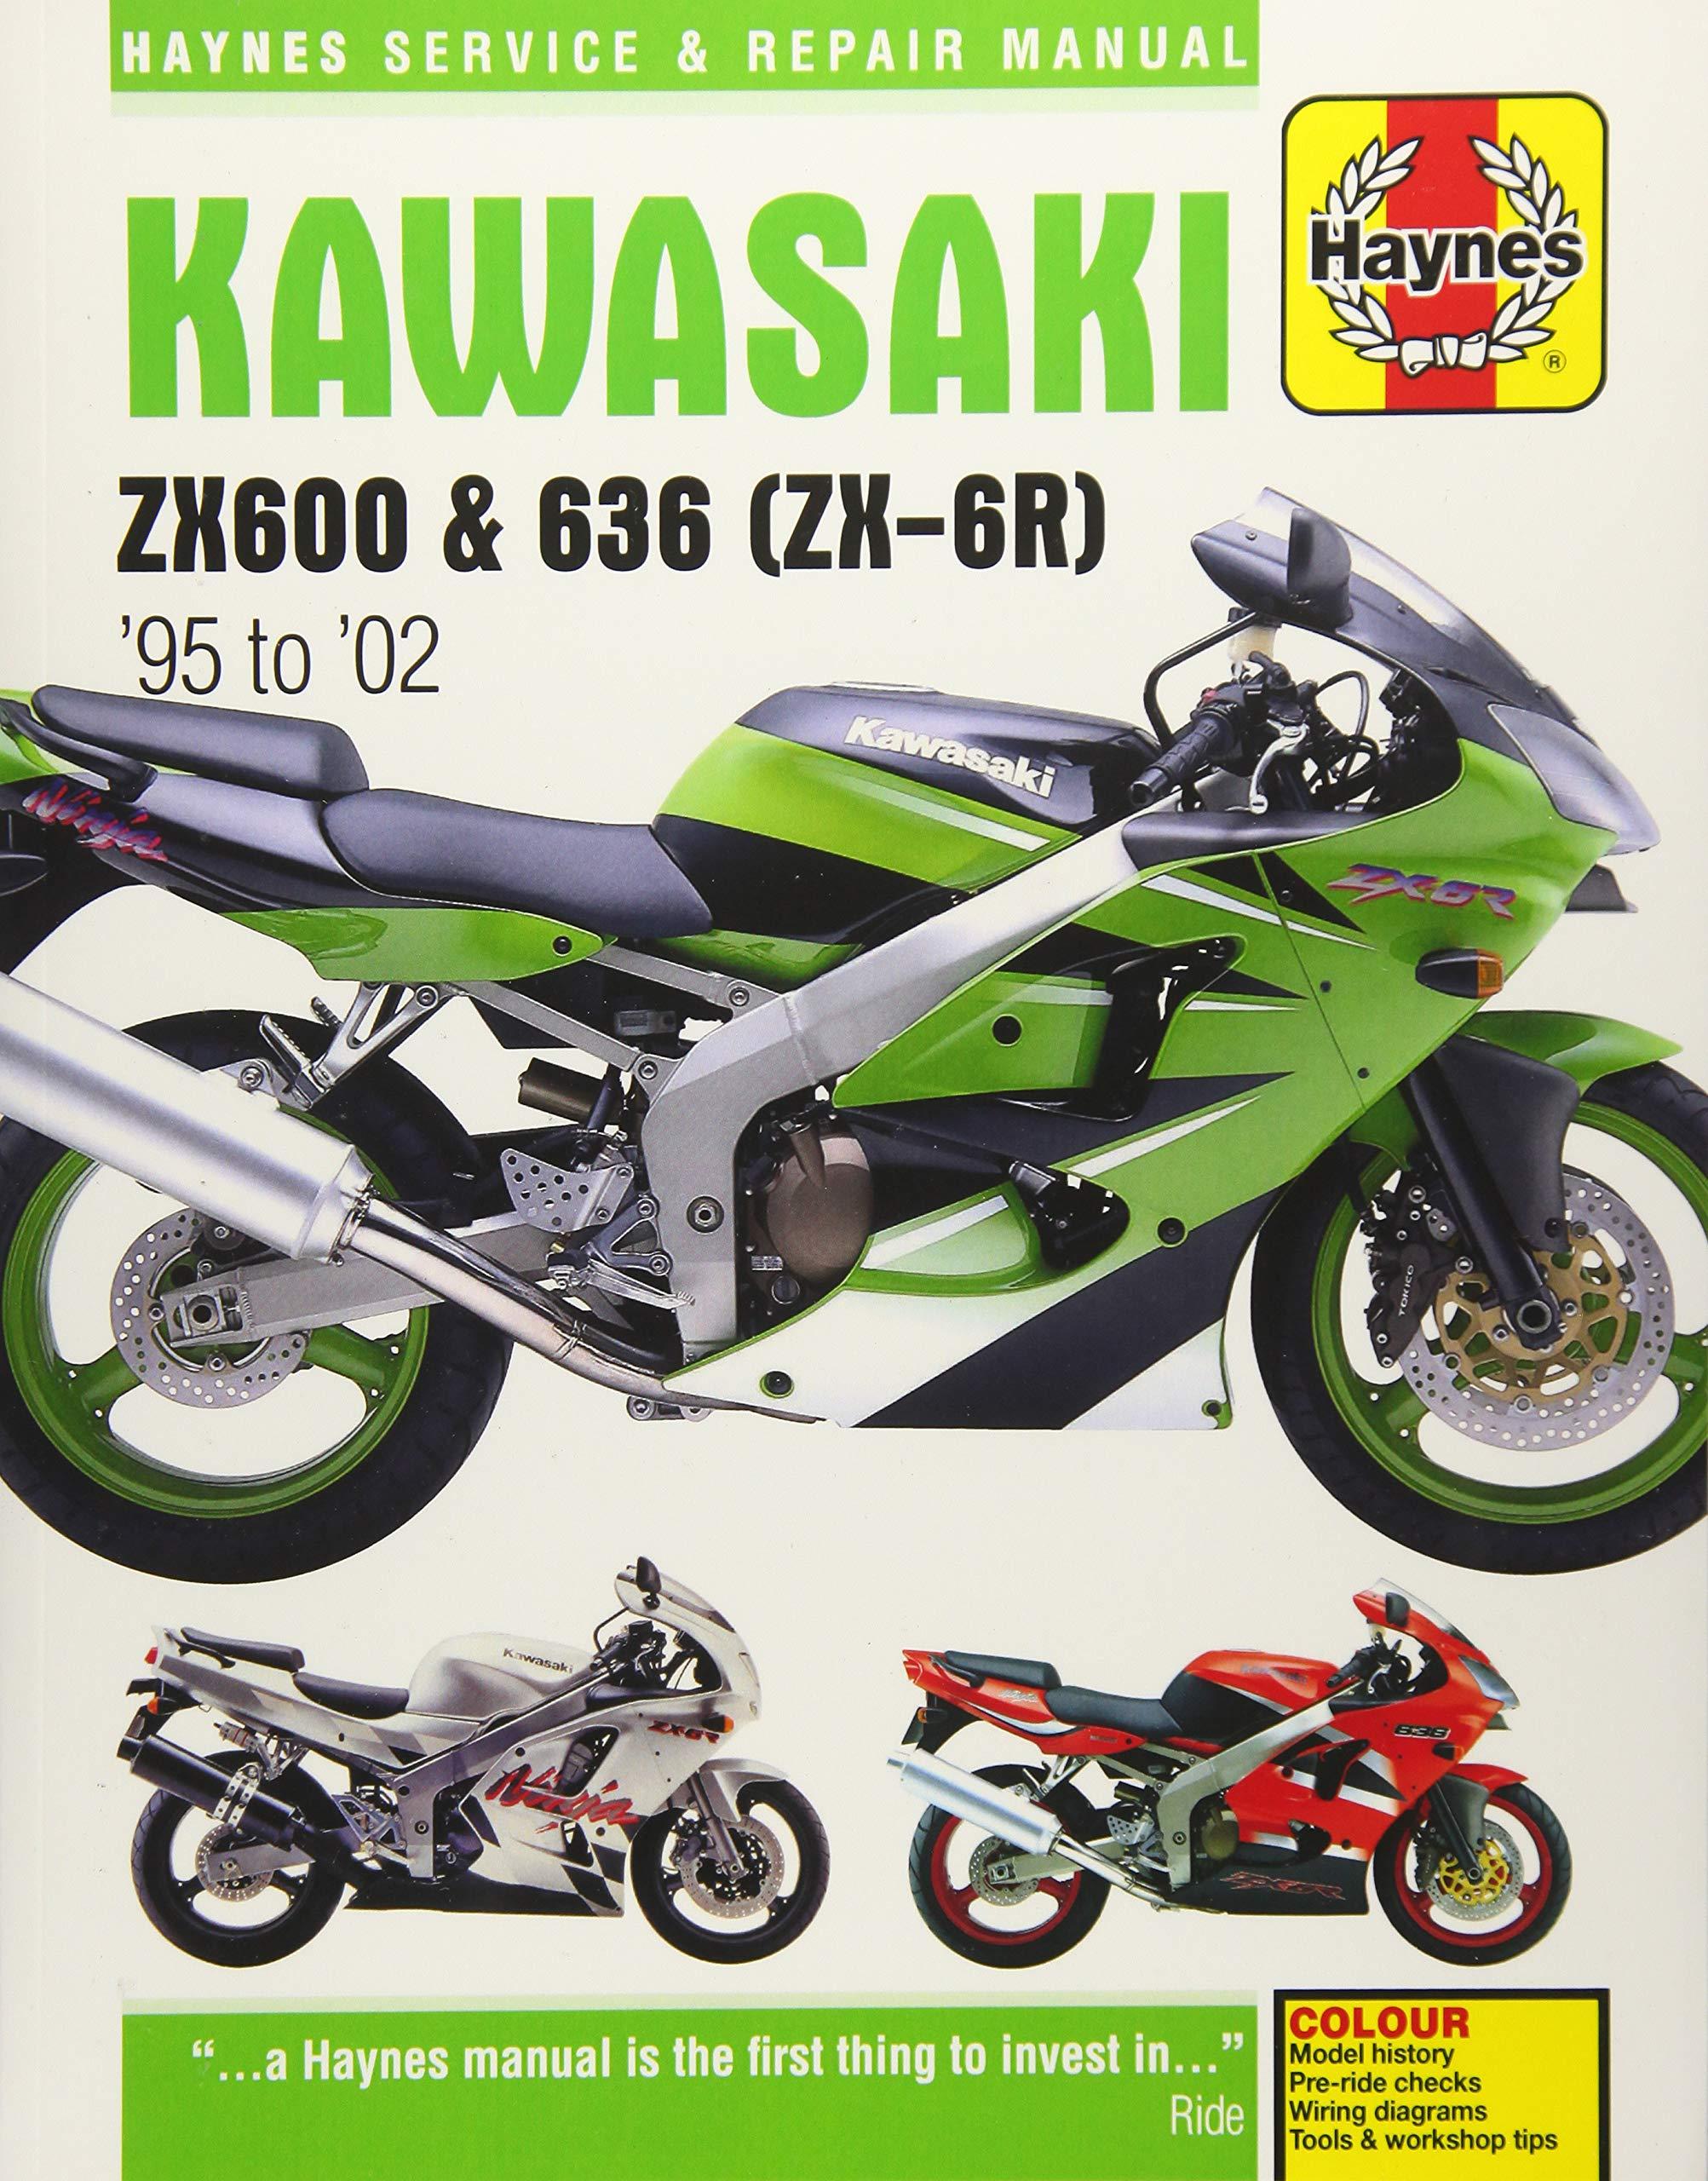 Kawasaki ZX600 & 636 (ZX-6R) '95 to '02 (Haynes